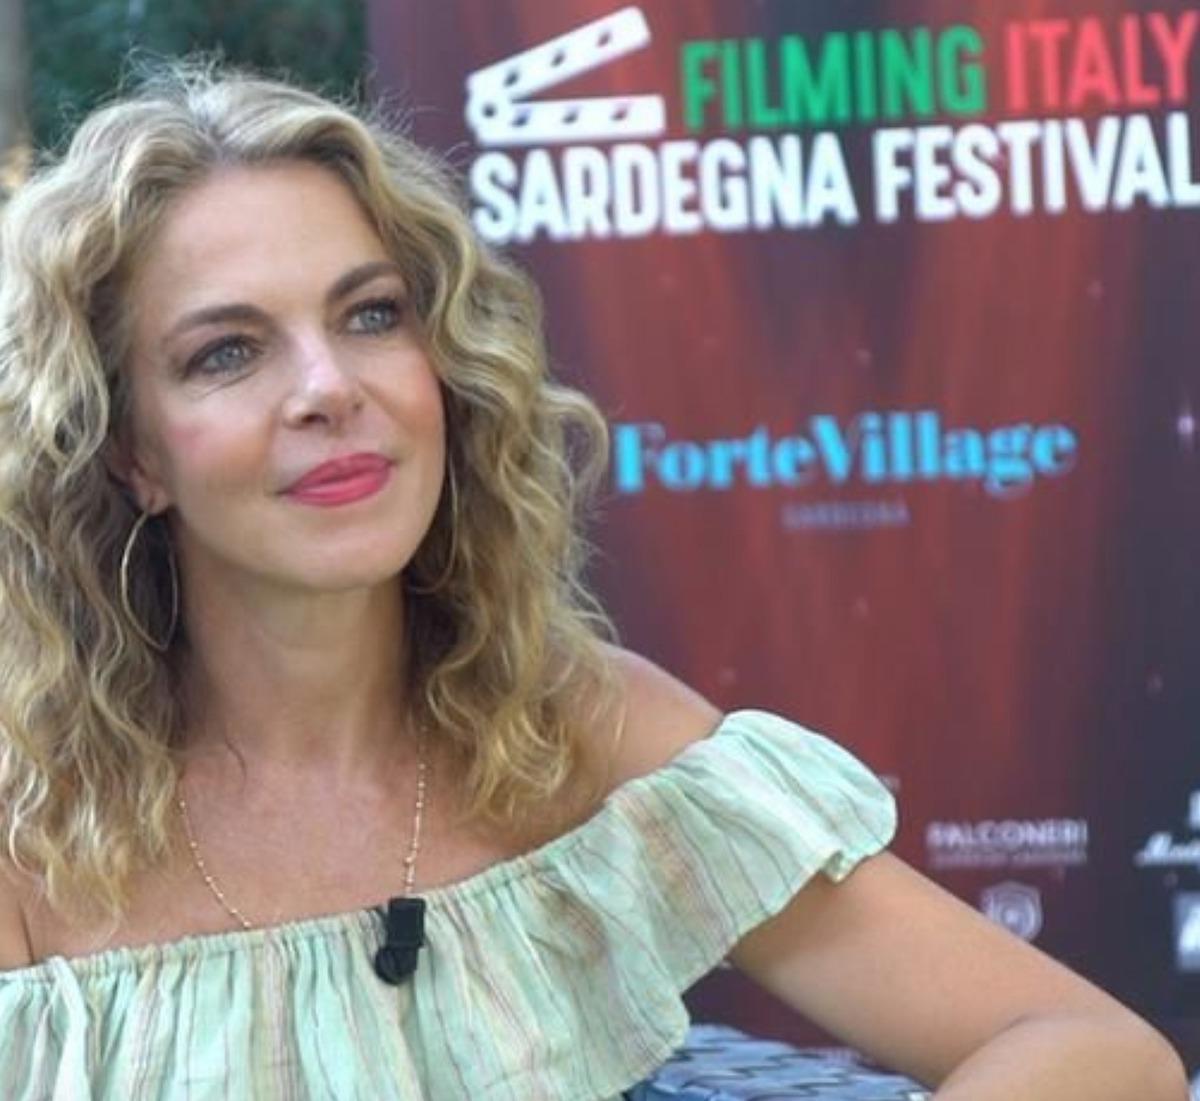 Festival Filming Italy sospetti casi covid attori